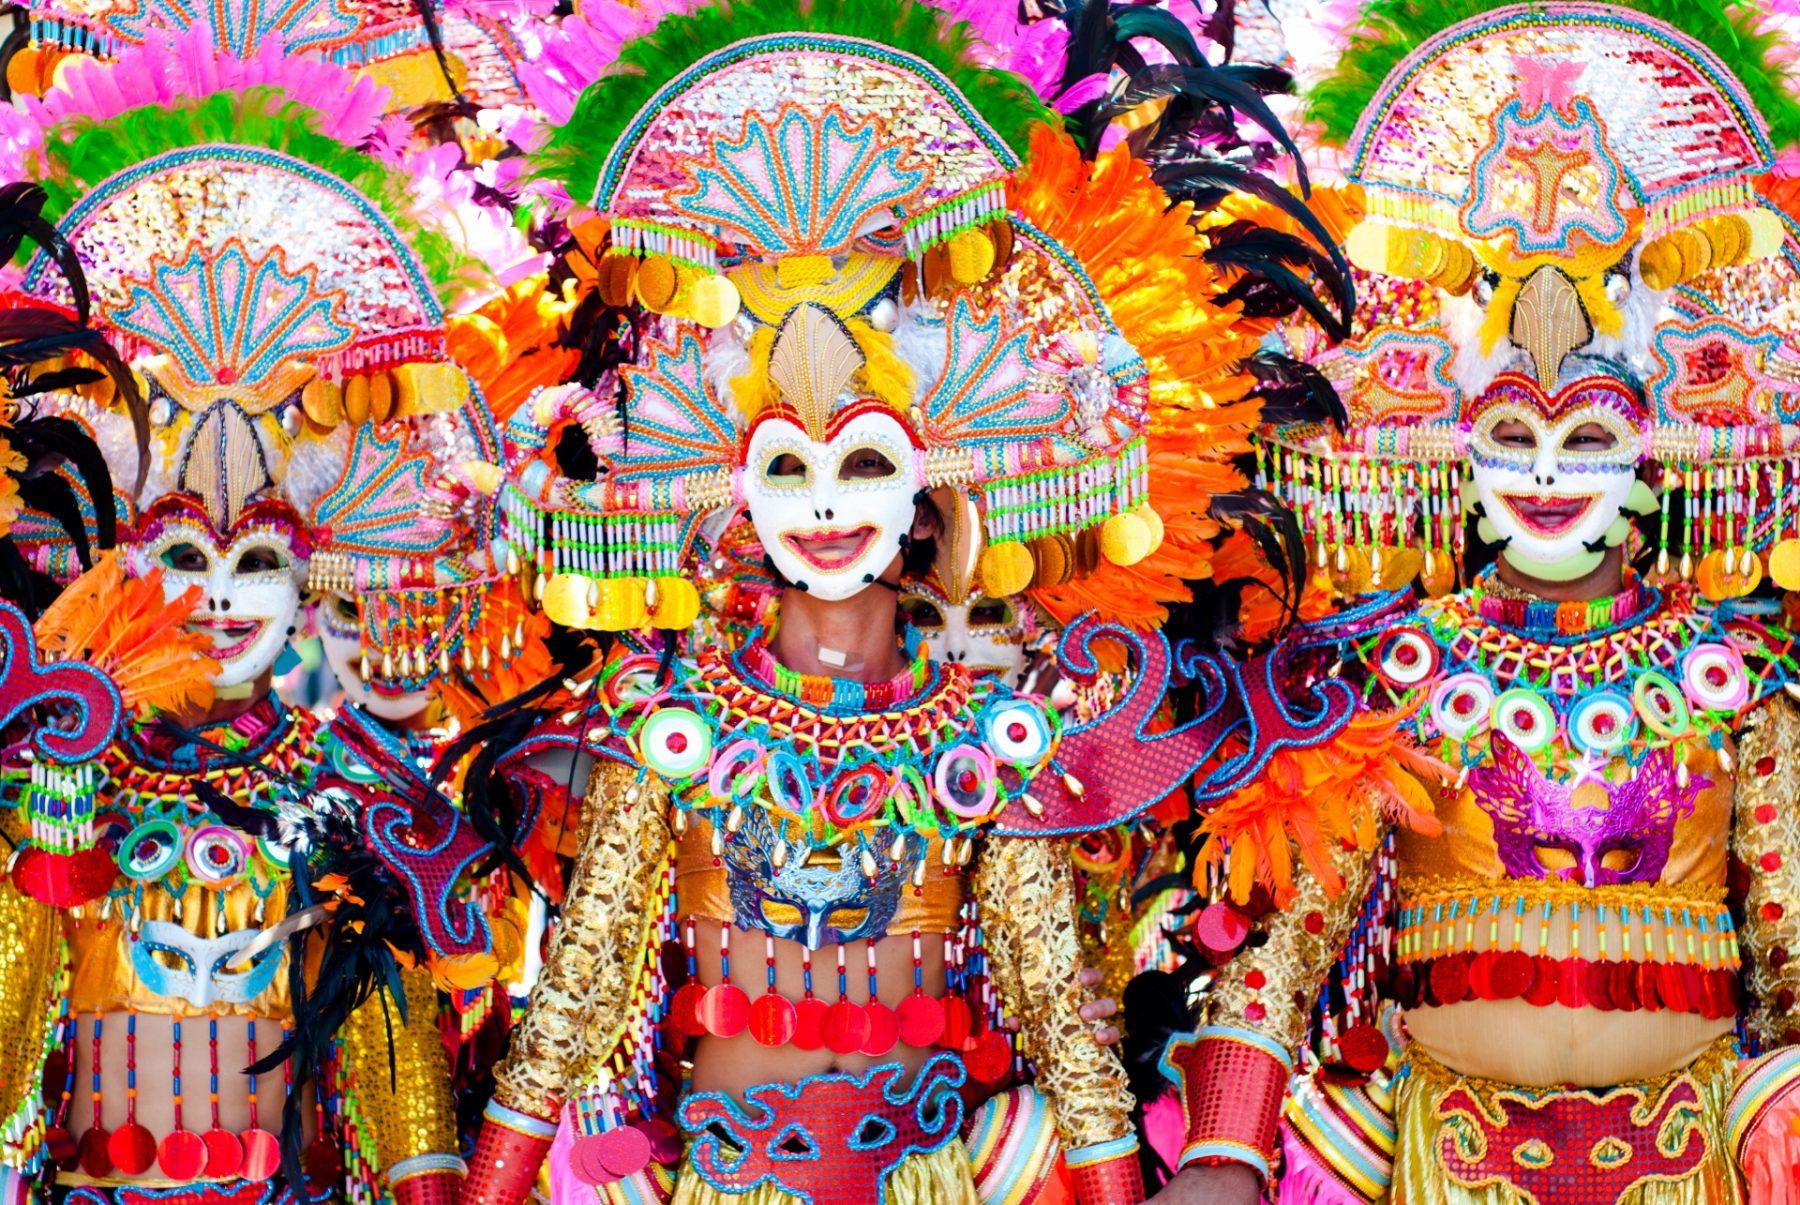 Carnevale nel mondo viaggio Filippine Masskara